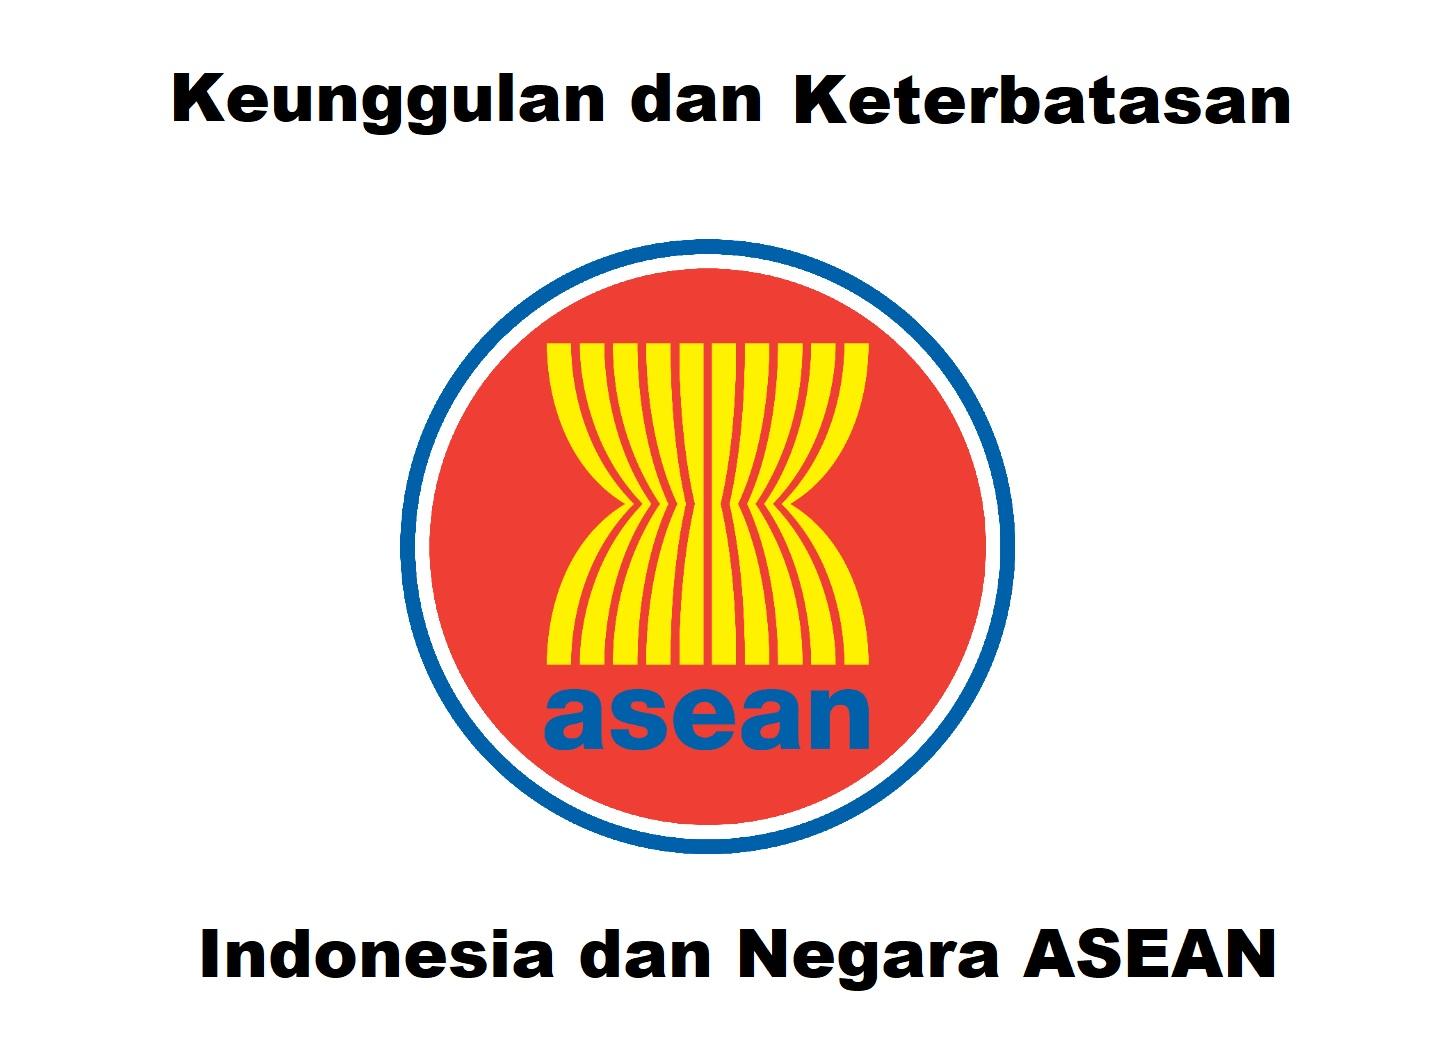 Keunggulan dan Keterbatasan Indonesia dan Negara-Negara Asean